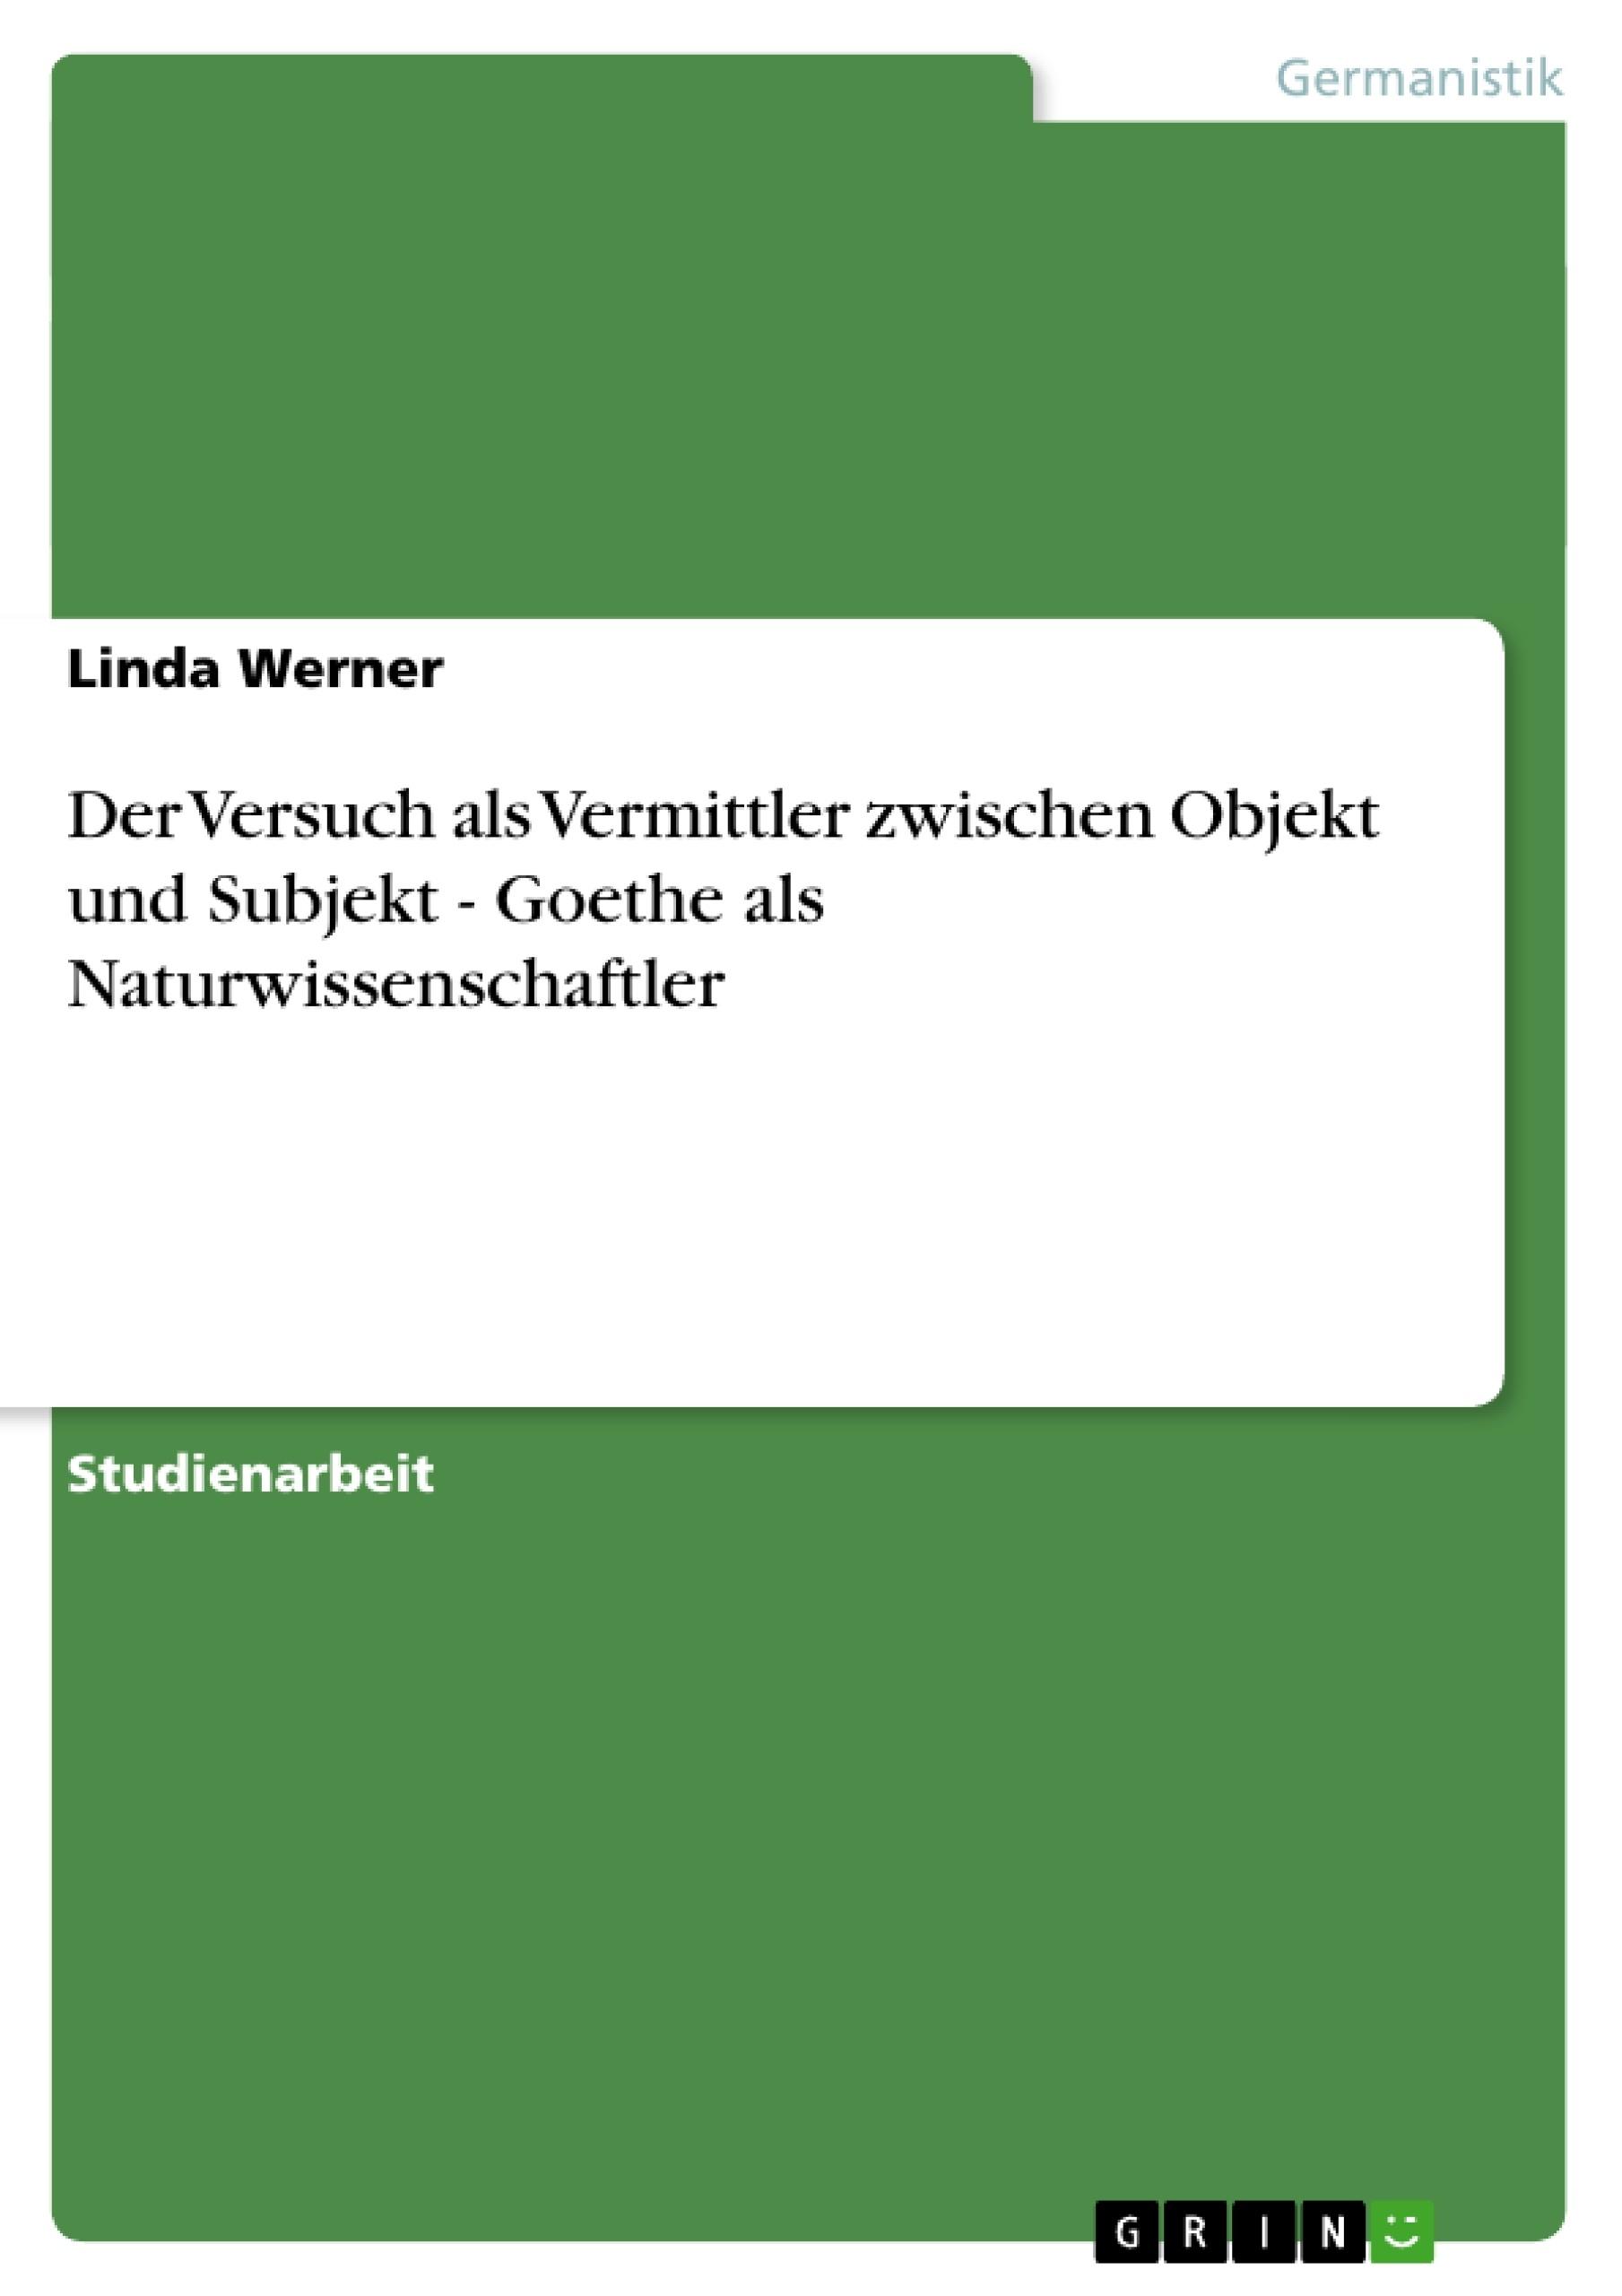 Titel: Der Versuch als Vermittler zwischen Objekt und Subjekt - Goethe als Naturwissenschaftler